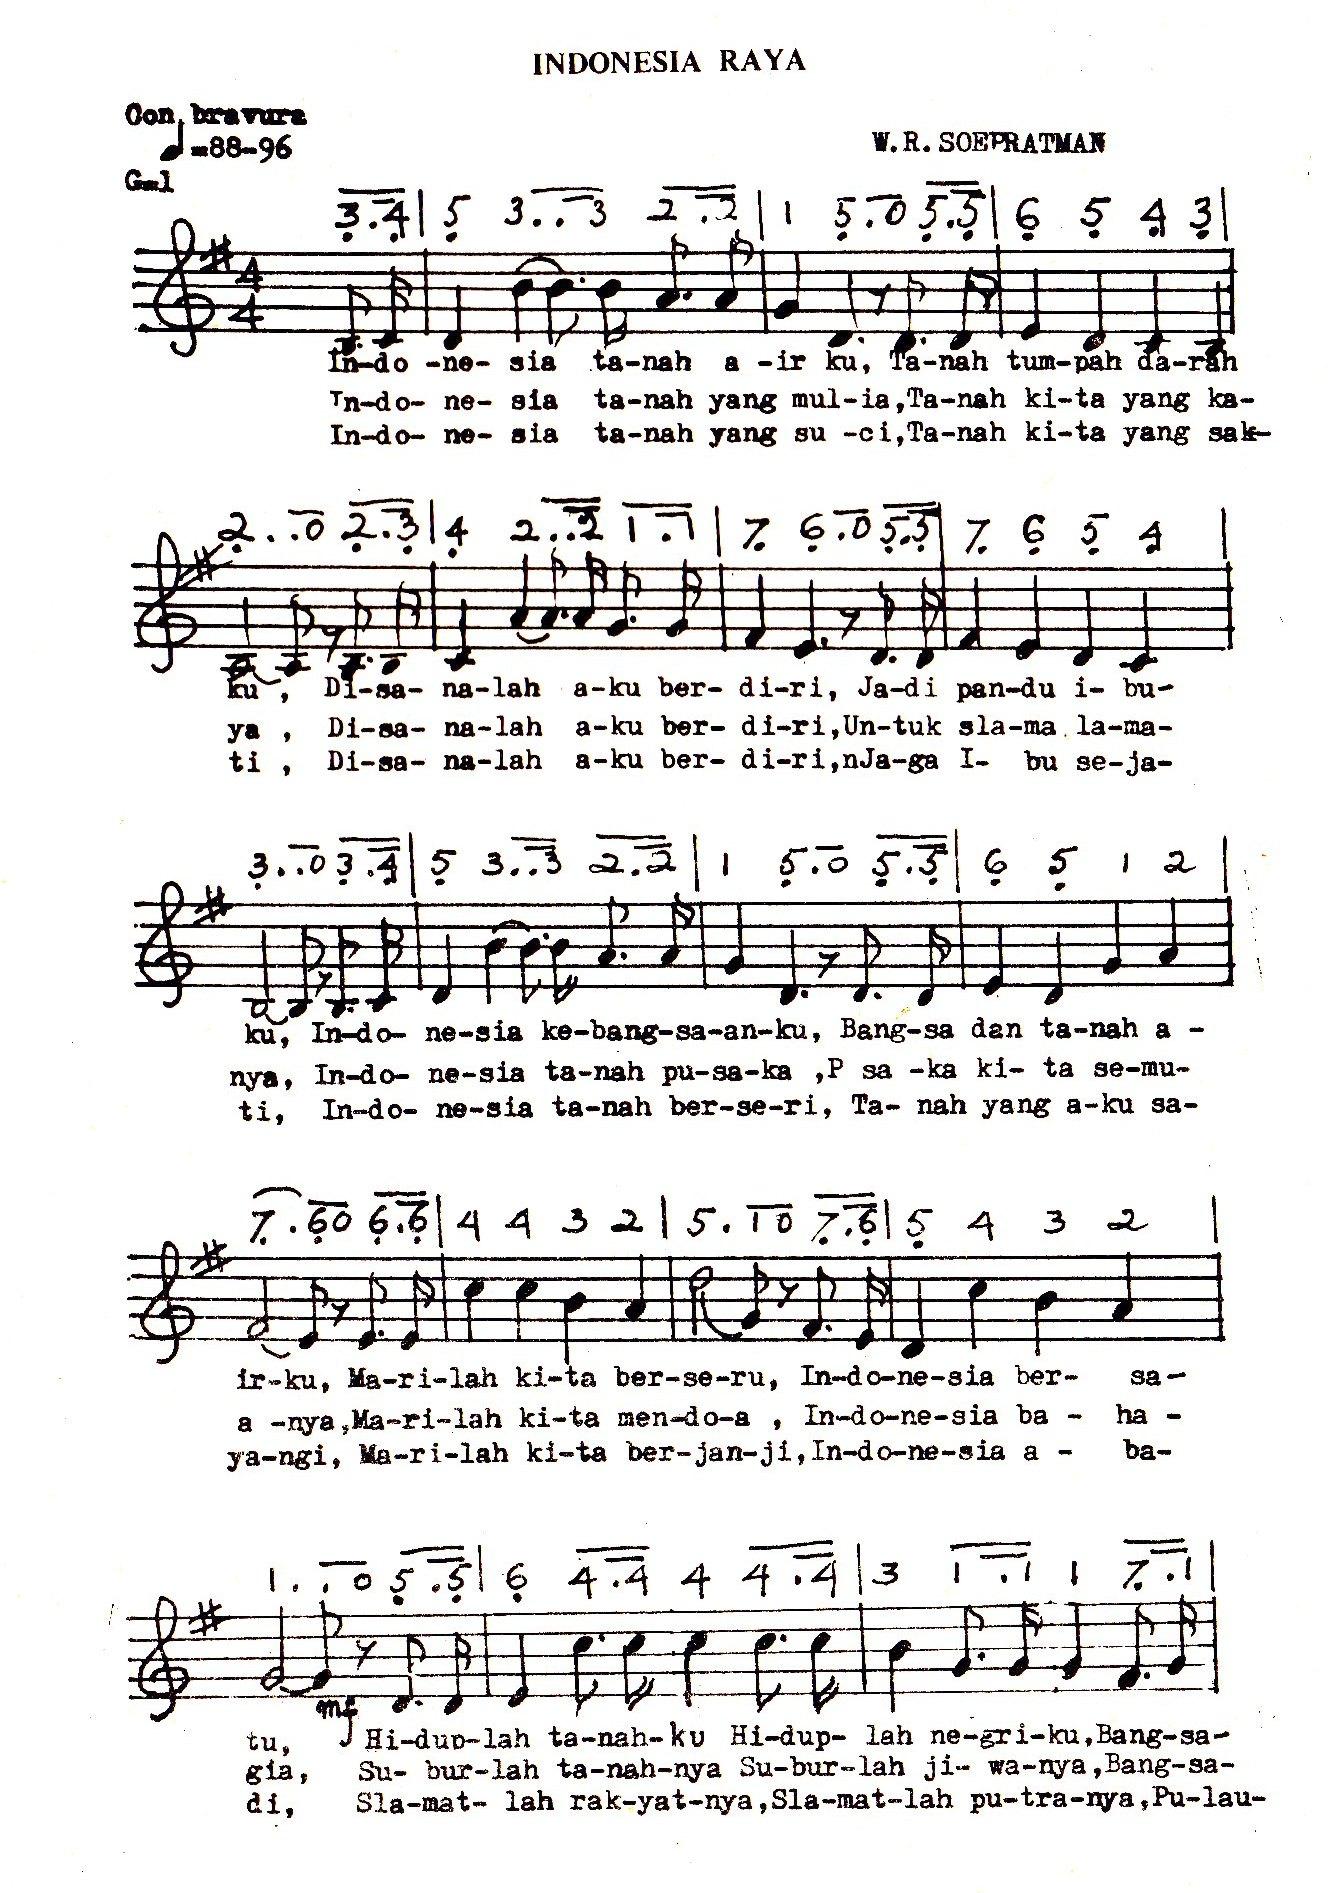 Sejarah Lagu Indonesia Raya Catatanwongndeso